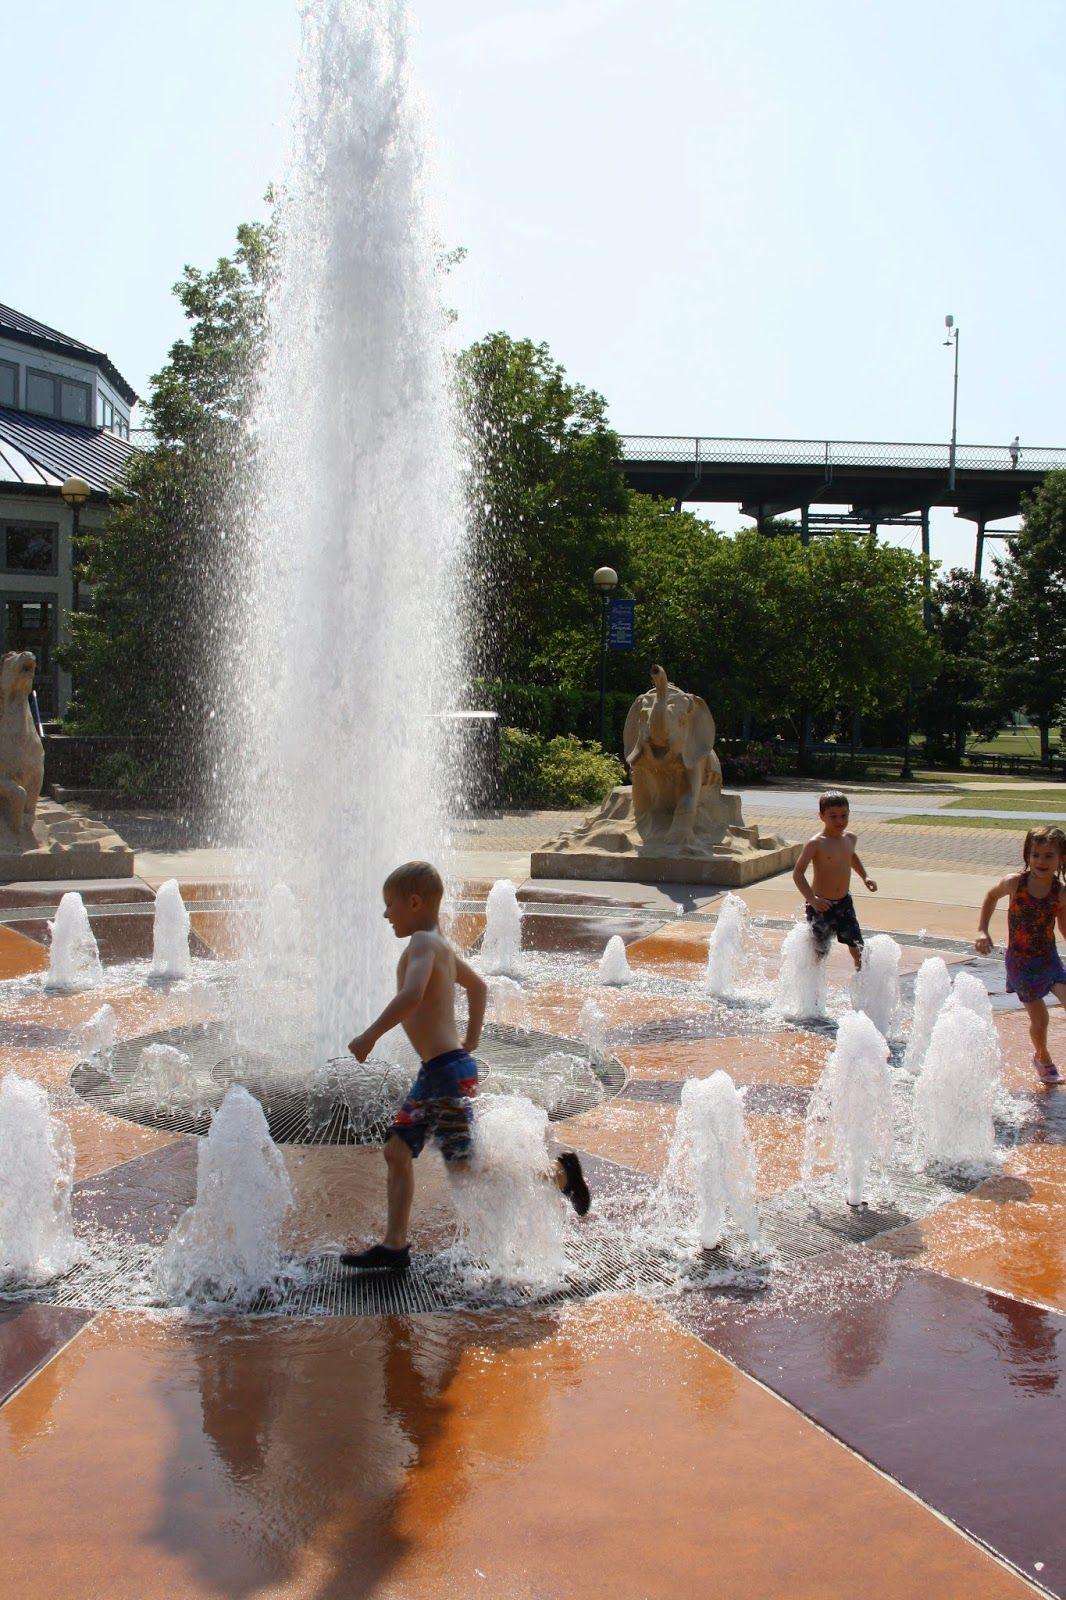 Coolidge Park | Coolidge park, Chattanooga, Park